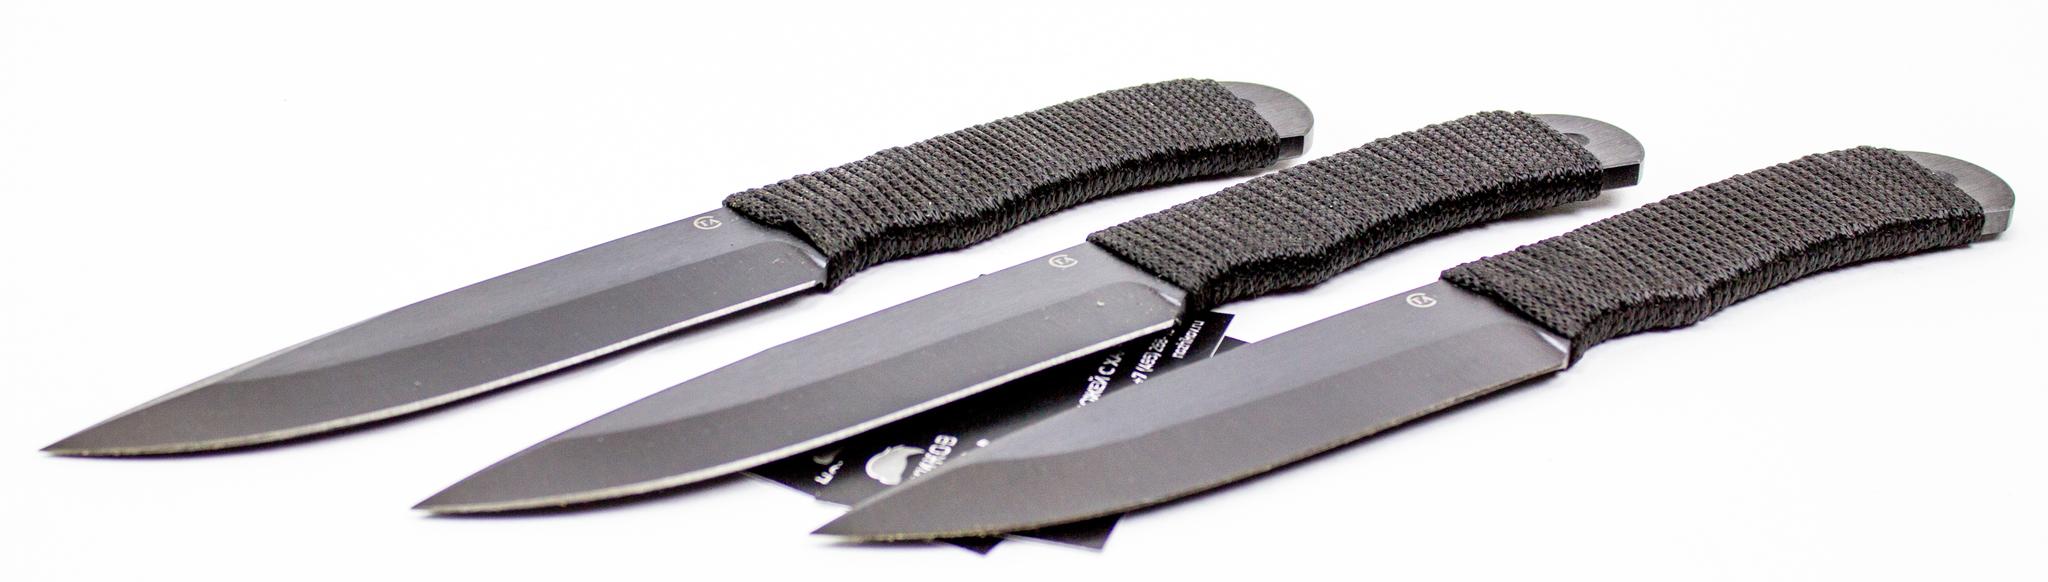 Фото 8 - Набор метательных ножей